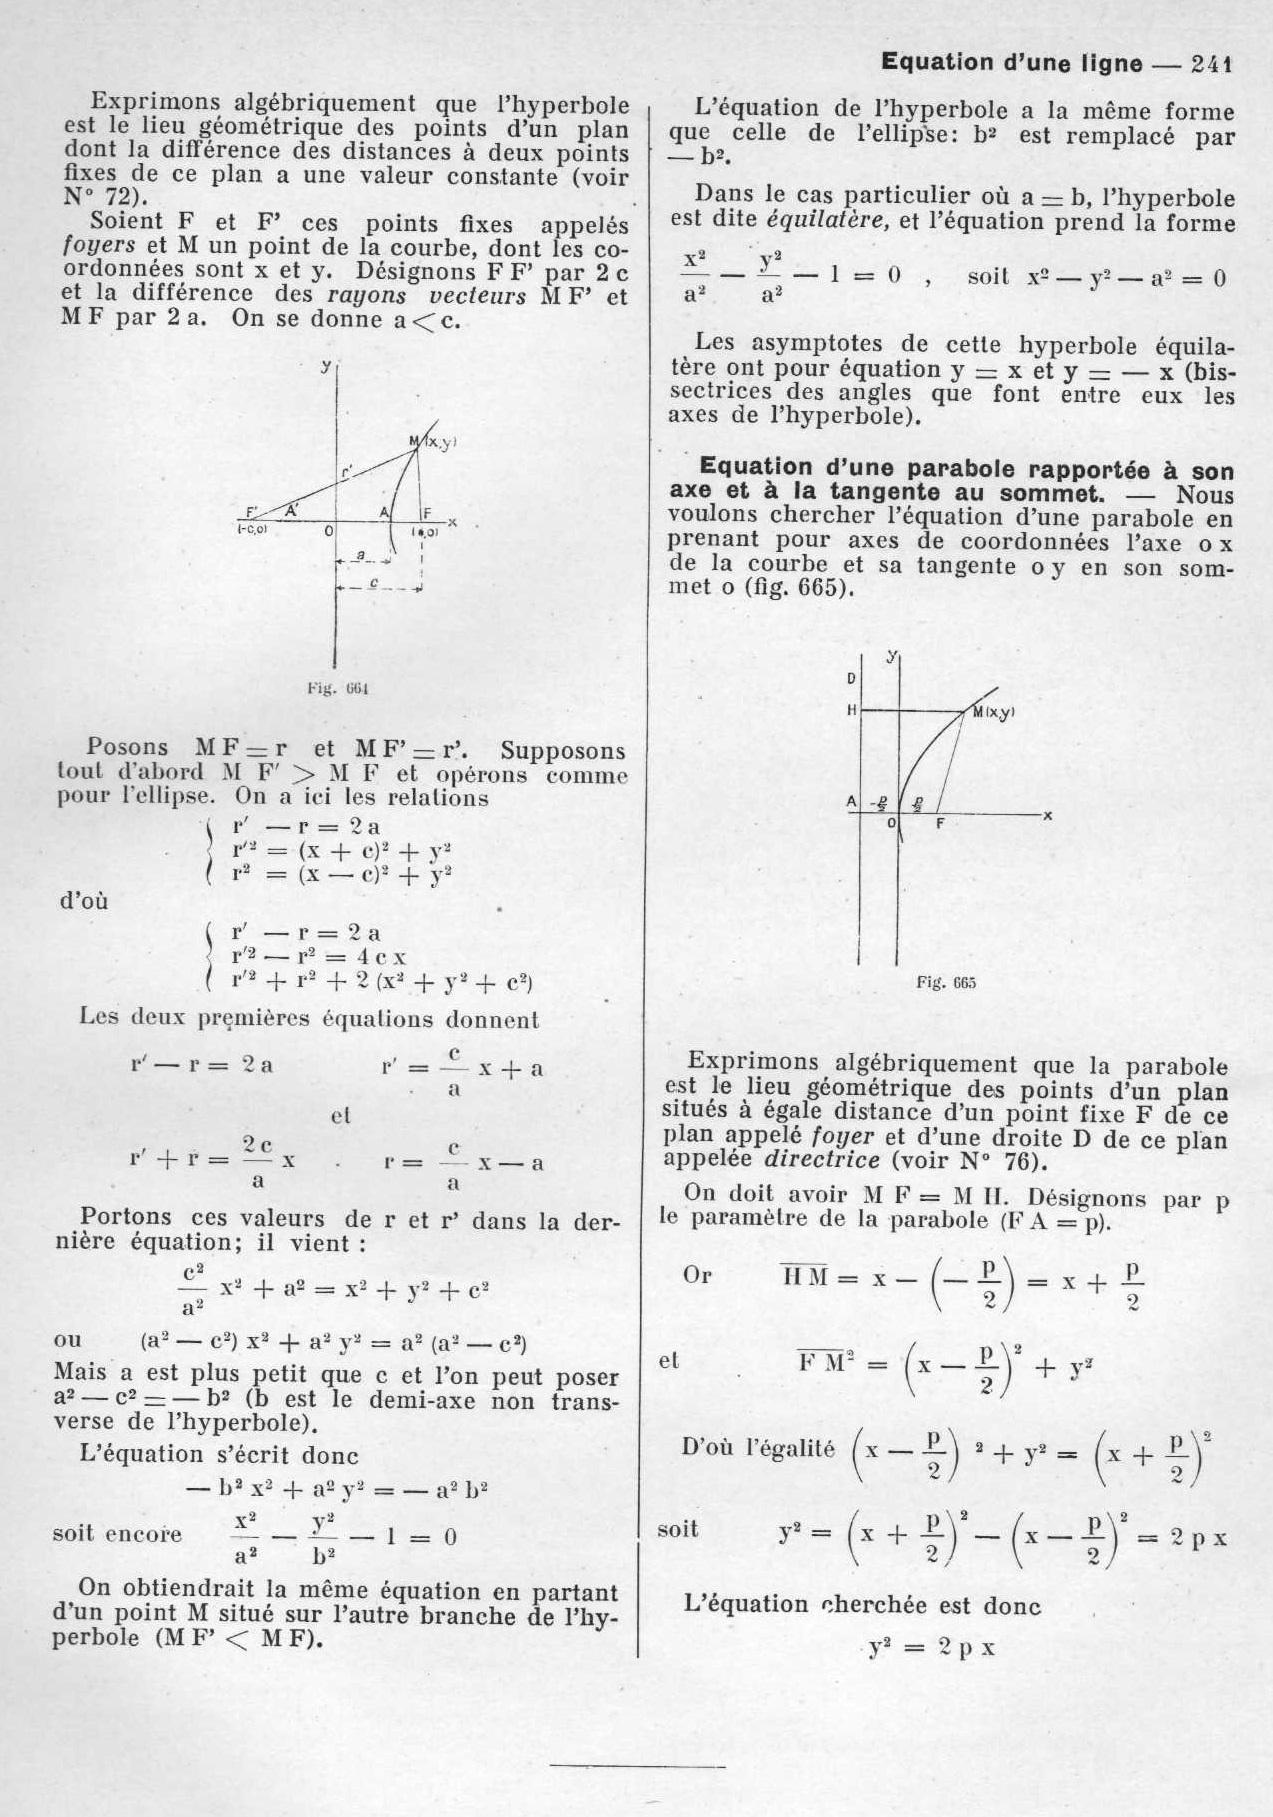 math-meca-207-241_page_35